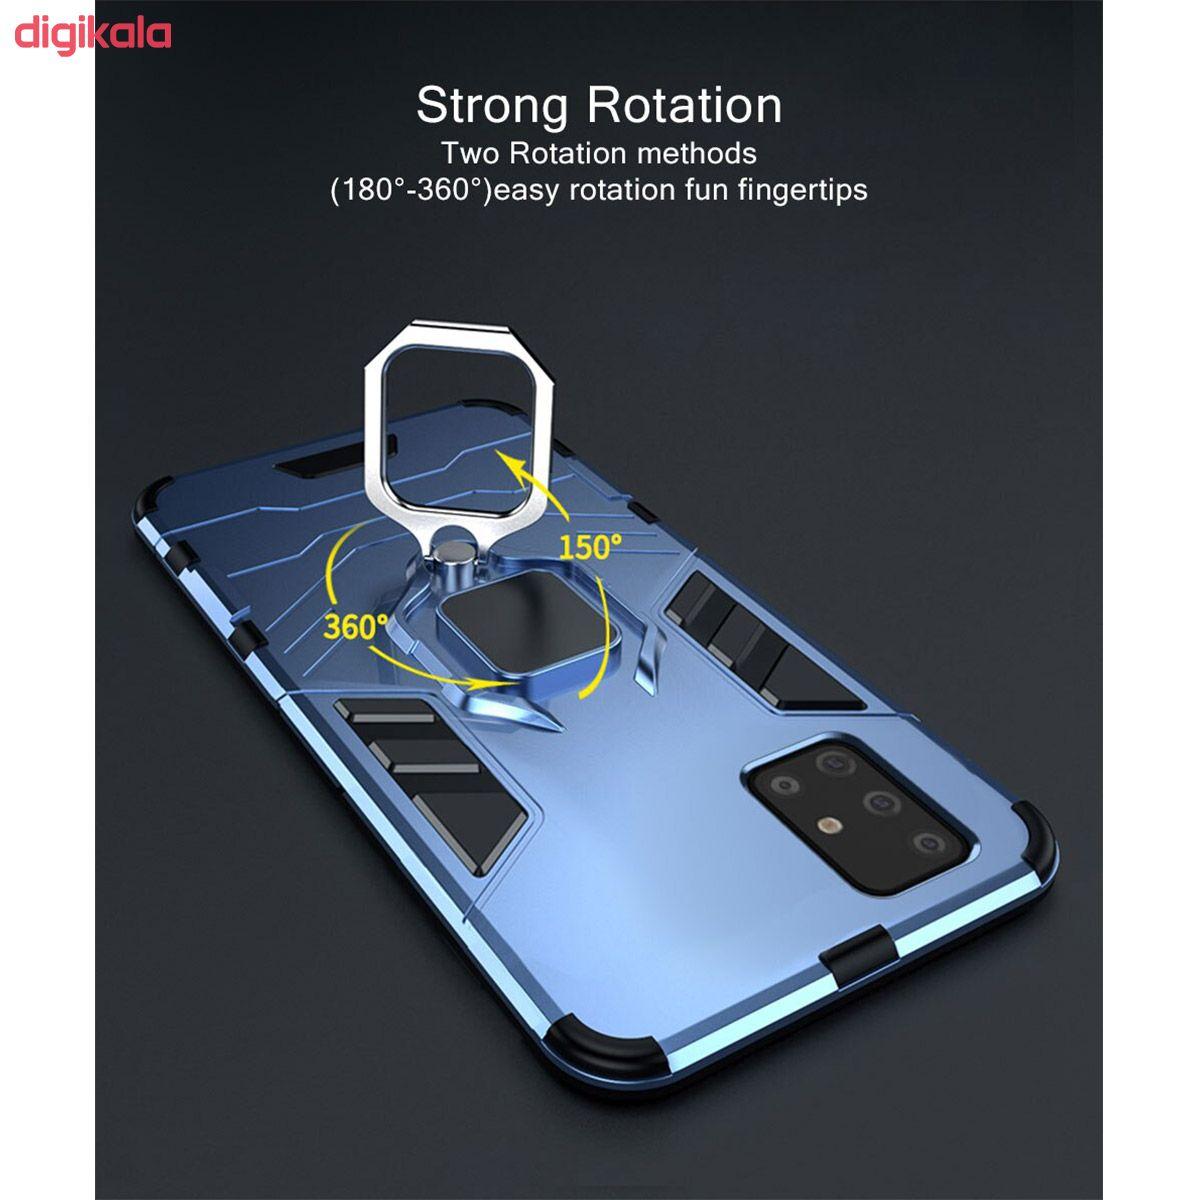 کاور سامورایی مدل ARC-2020 مناسب برای گوشی موبایل سامسونگ Galaxy A71 main 1 9